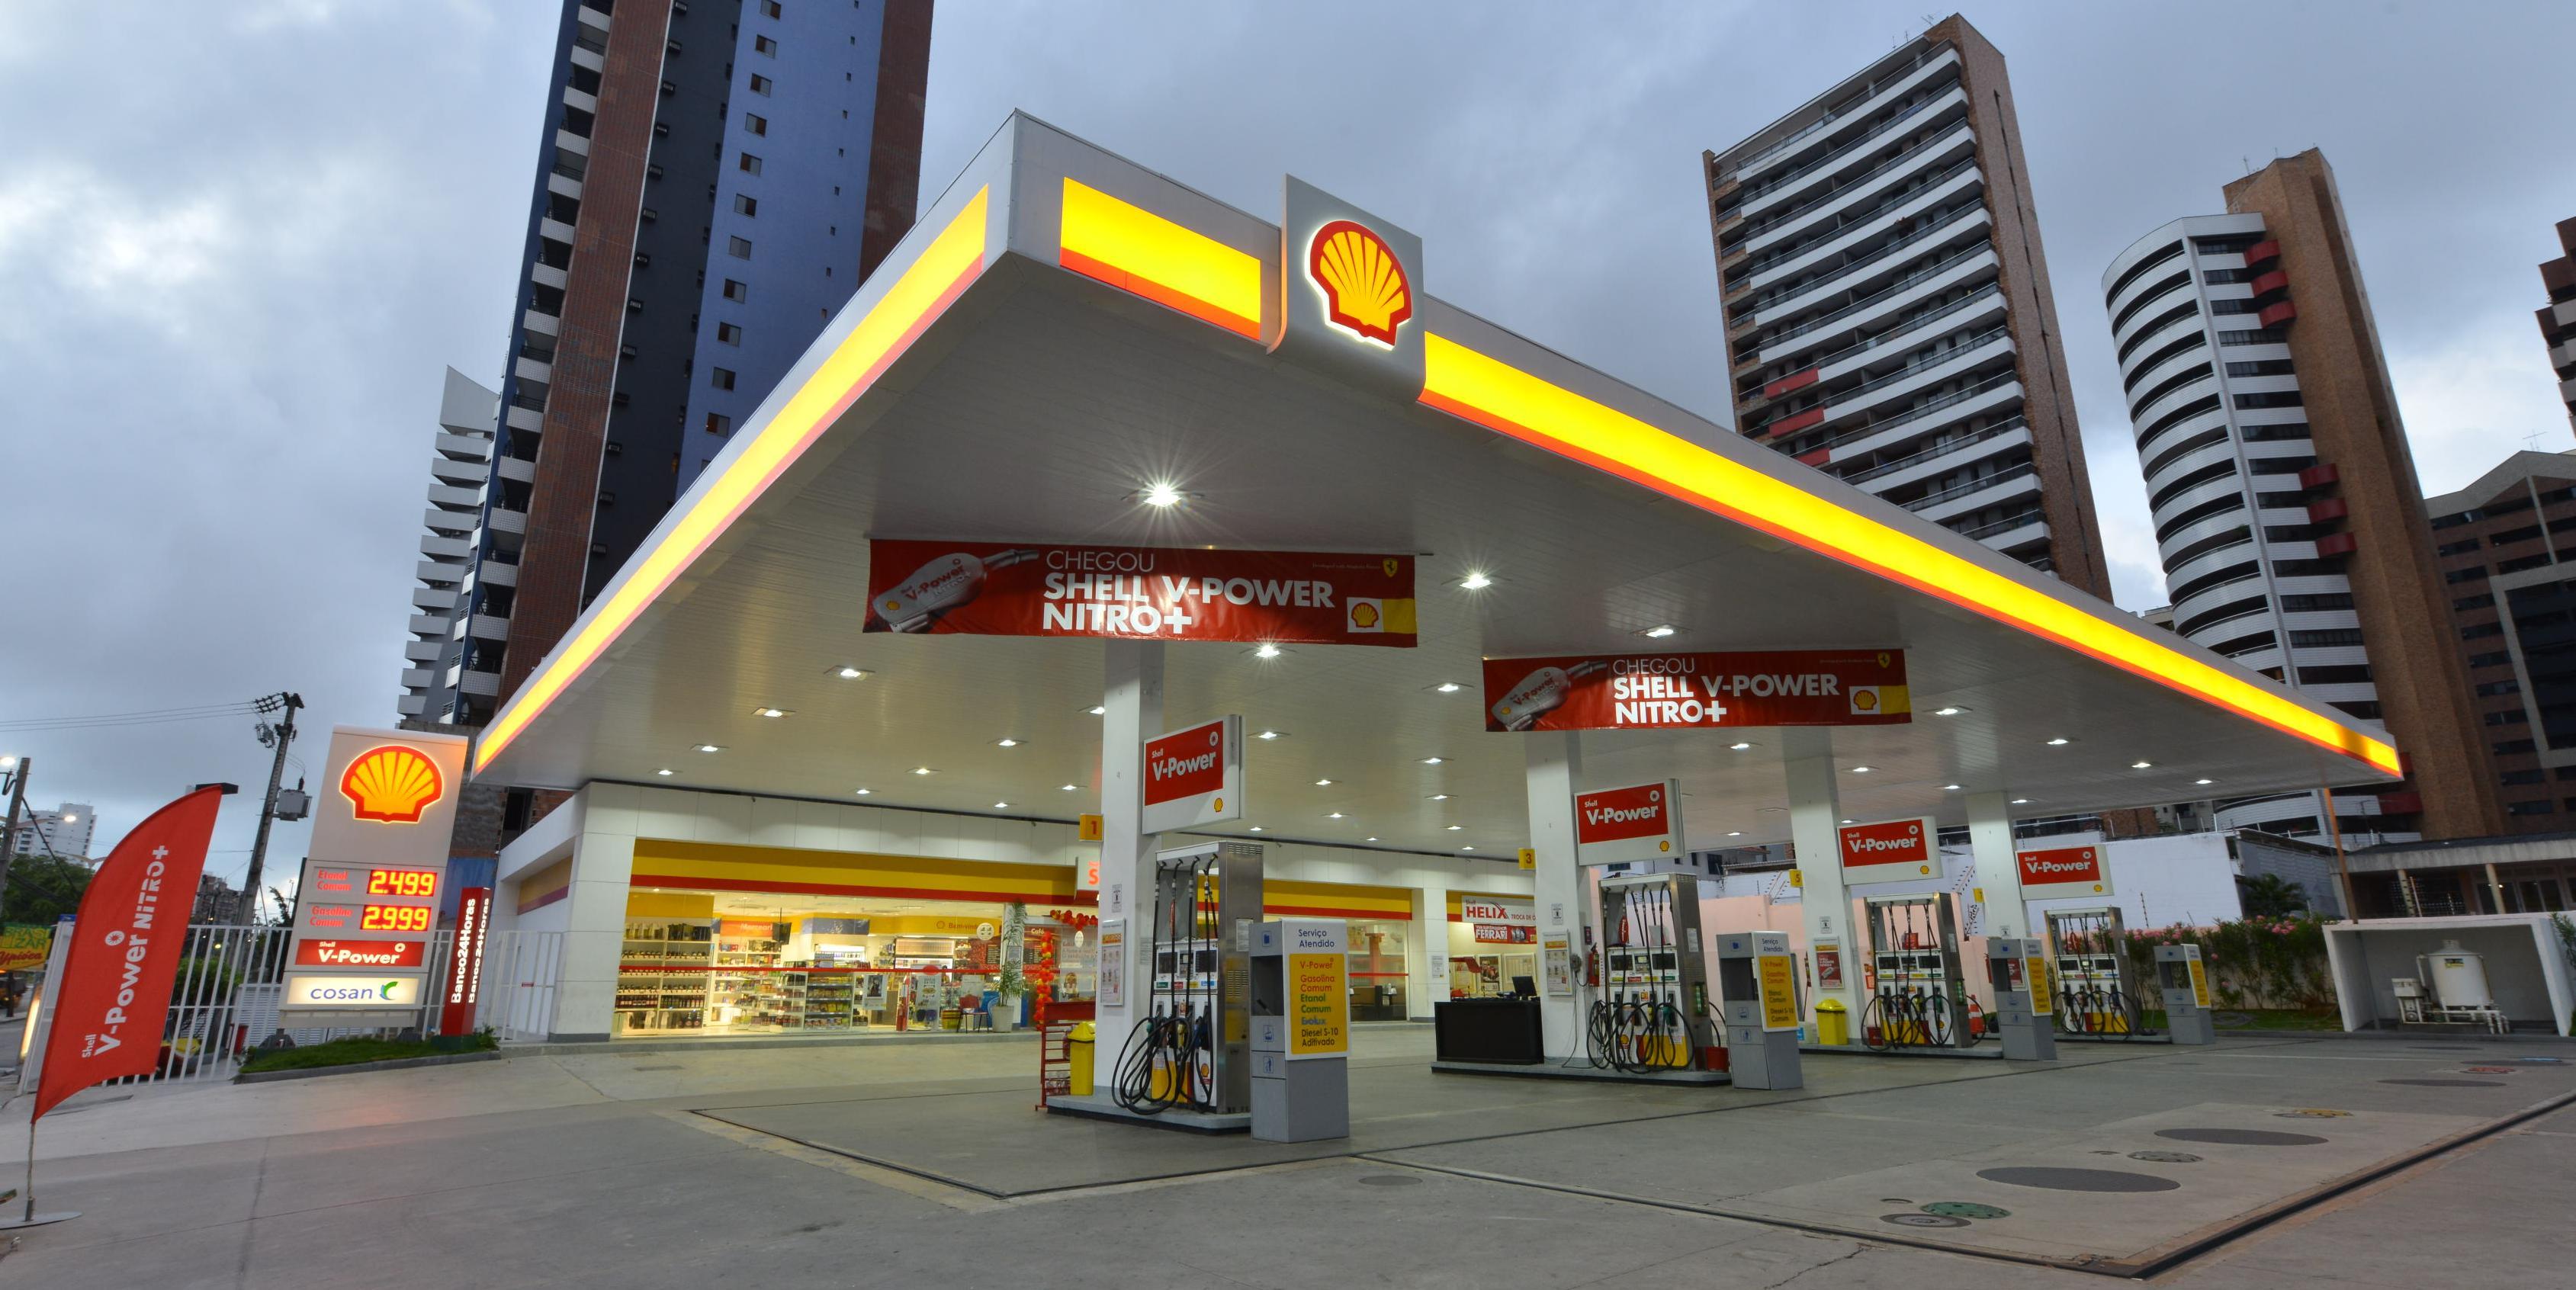 Promoção Shell V Power